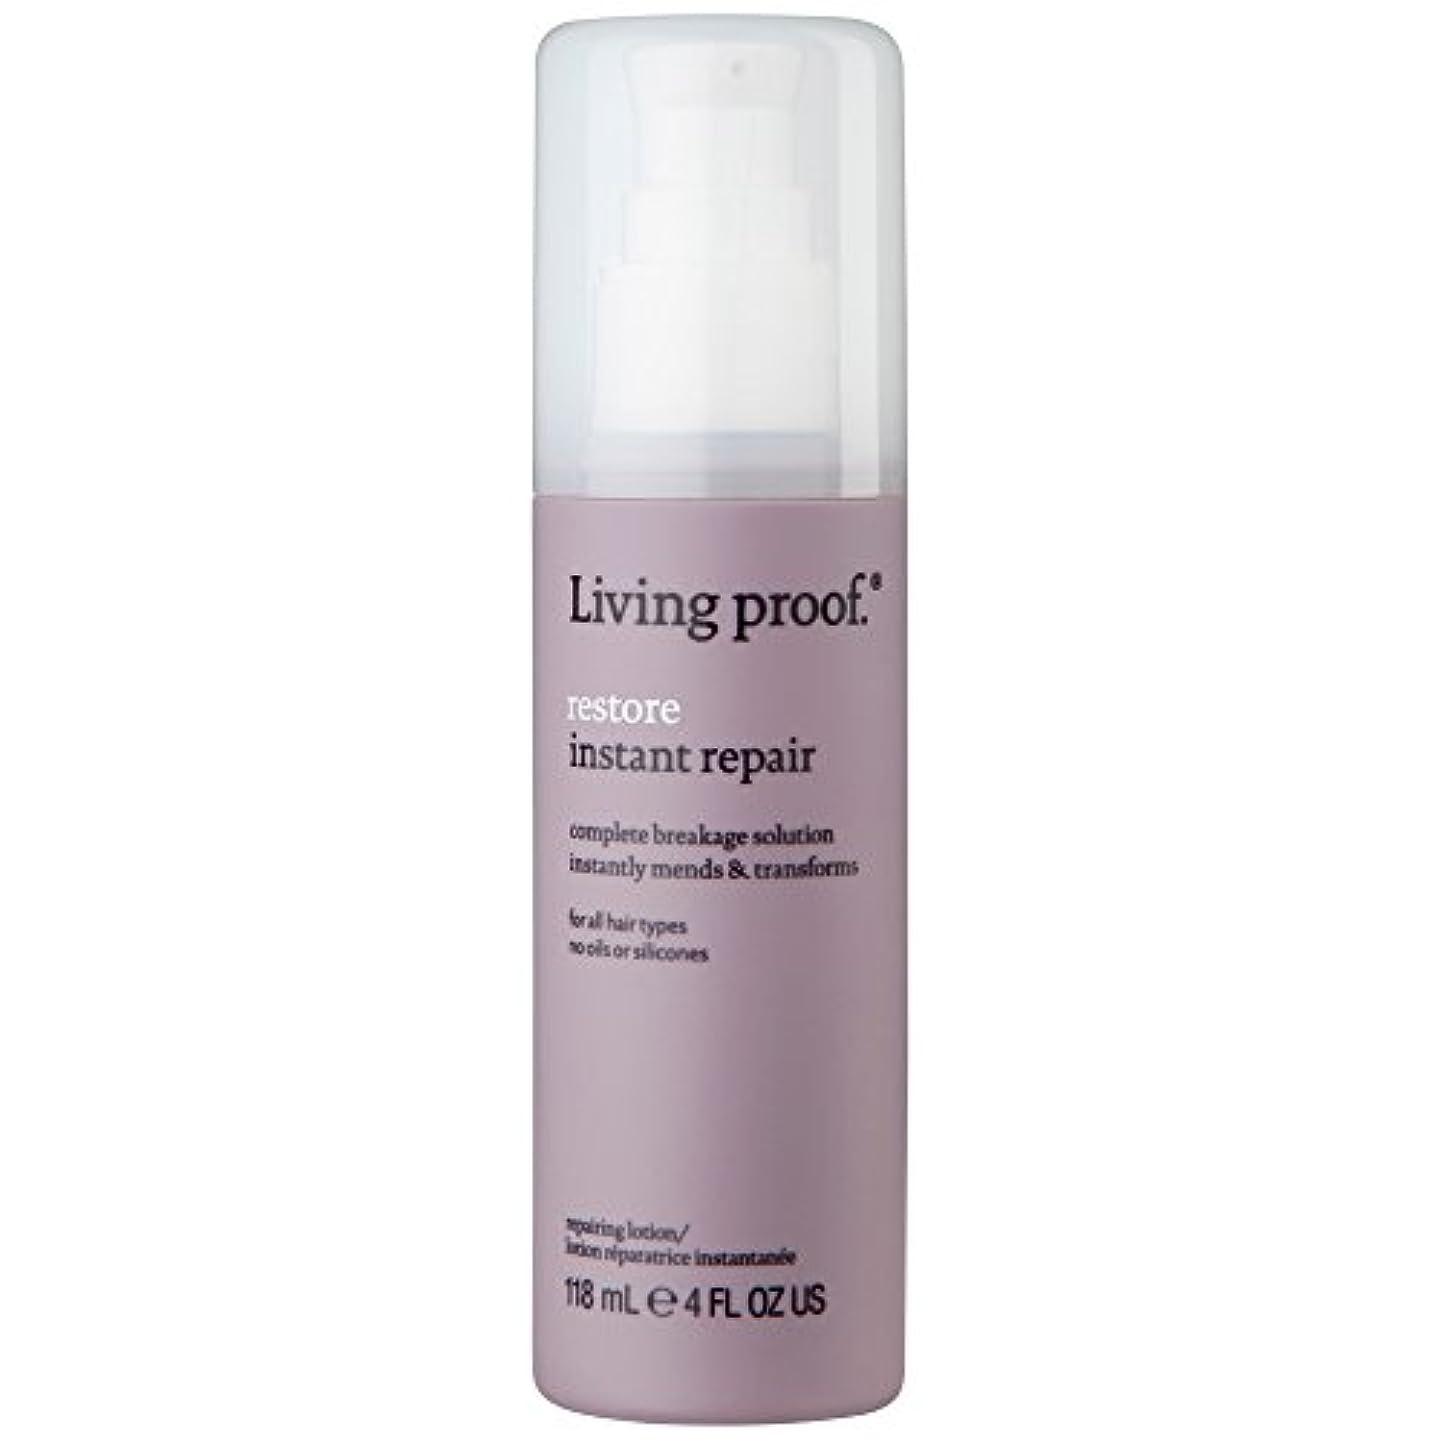 素晴らしいです道に迷いました米ドル生きている証拠は、ターゲット修理ヘアクリーム118ミリリットルを復元します (Living Proof) (x6) - Living Proof Restore Target Repair Hair Cream 118ml...